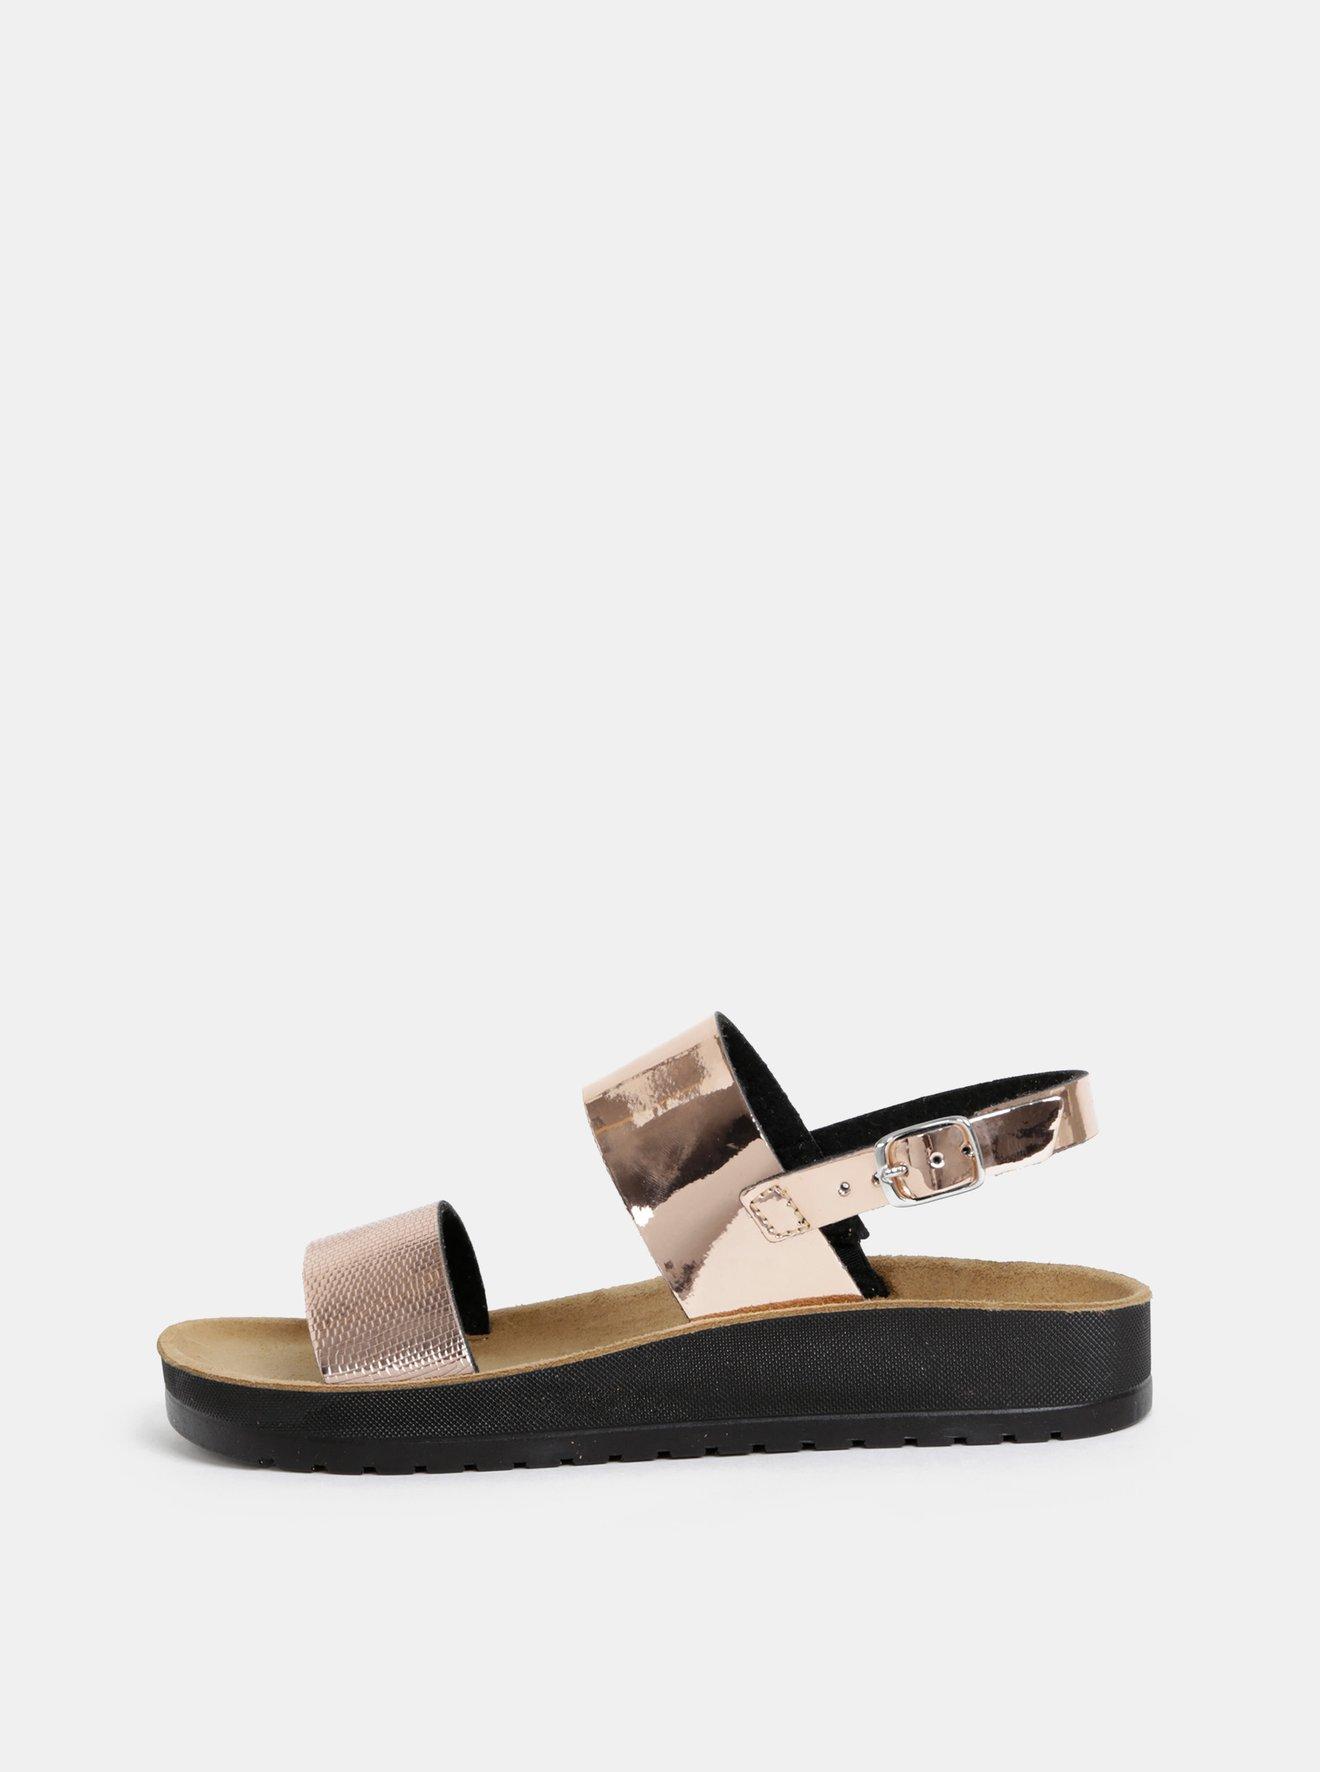 Dámské sandály v růžovozlaté barvě Scholl Cynthia Sandal